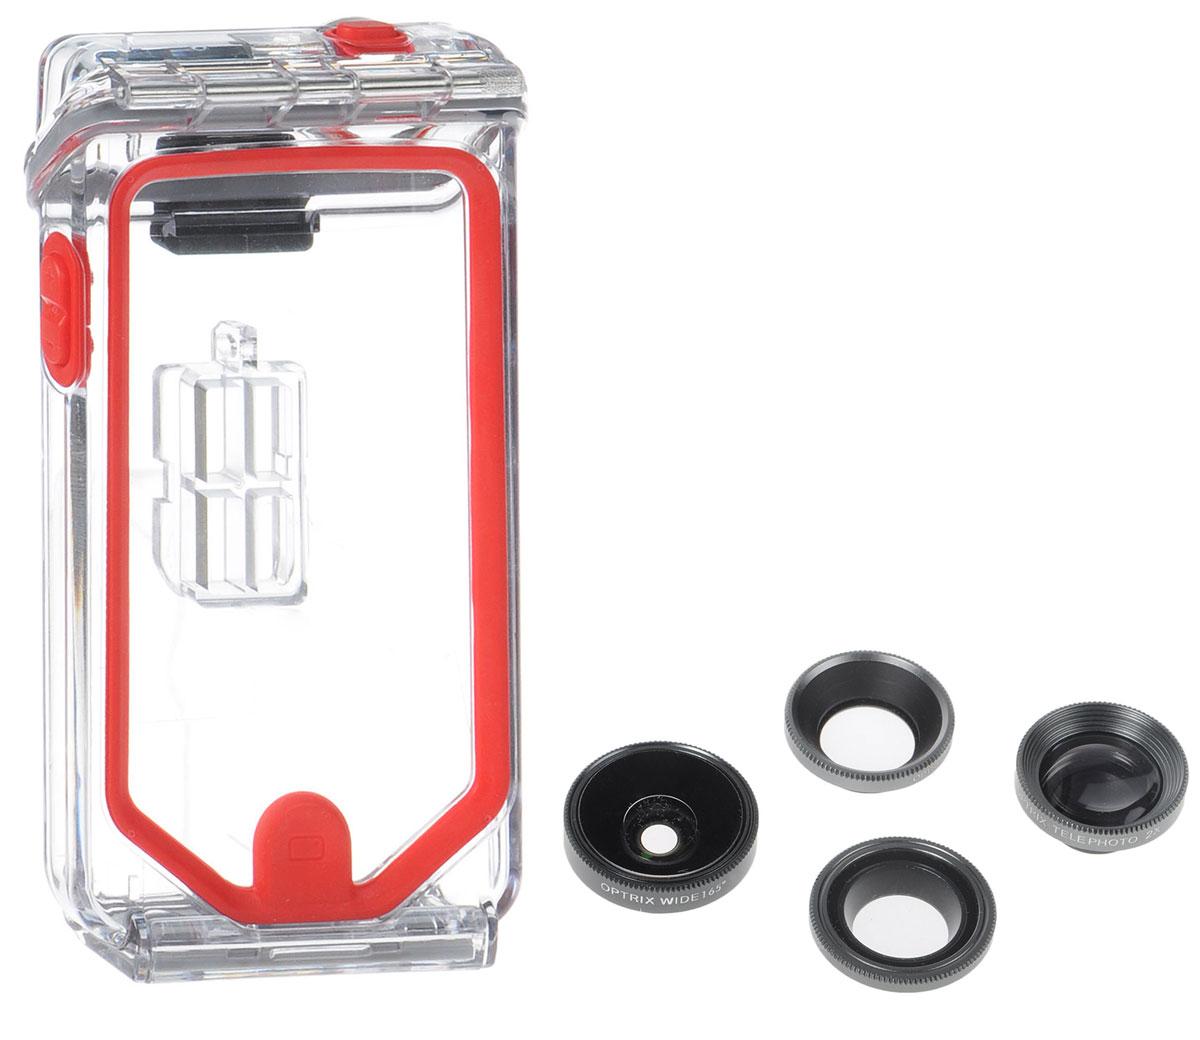 Optrix Photo Pro FS-94678 чехол для Apple iPhone 5/5s/SE с комплектом аксессуаров для фотосъемкиFS-94678Optrix Photo Pro FS-94678 - набор для создания уникальных фотографий и видео при помощи вашего iPhone 5/5s/SE.Ультралегкий защитный корпус обеспечит сохранность устройства в любых экстремальных условиях, тогда как сменные линзы значительно расширят возможности его камеры.Чехол отличается надежной конструкцией, превращающей ваш iPhone в полноценную экшн-камеру: съемка во время сплава по реке, велопрогулки, катания на лыжах, пляжного отдыха - все это возможно теперь при помощи Apple iPhone 5/5s/SE.100% водонепроницаемость при погружении на глубину до 4,5 м (соответствует стандарту IP68)Ударопрочность: выдерживает падение с высоты до 6,1 м (соответствует стандарту MIL-STD-810G)Сверхпрочный корпус, сохраняющий весь функционал смартфонаСпециальная защитная мембрана сохраняет все свойства сенсорного экранаПодходит к широкому ассортименту креплений